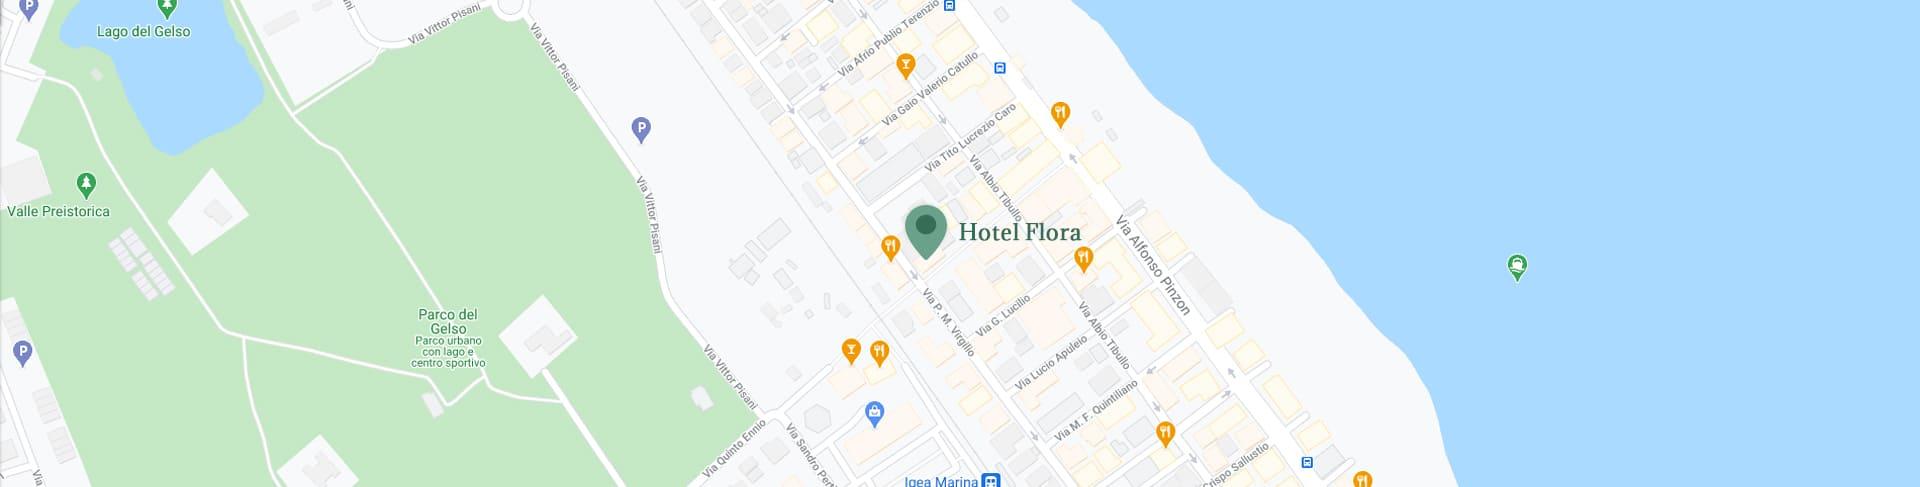 hotel flora bellaria info e contatti mappa posizione